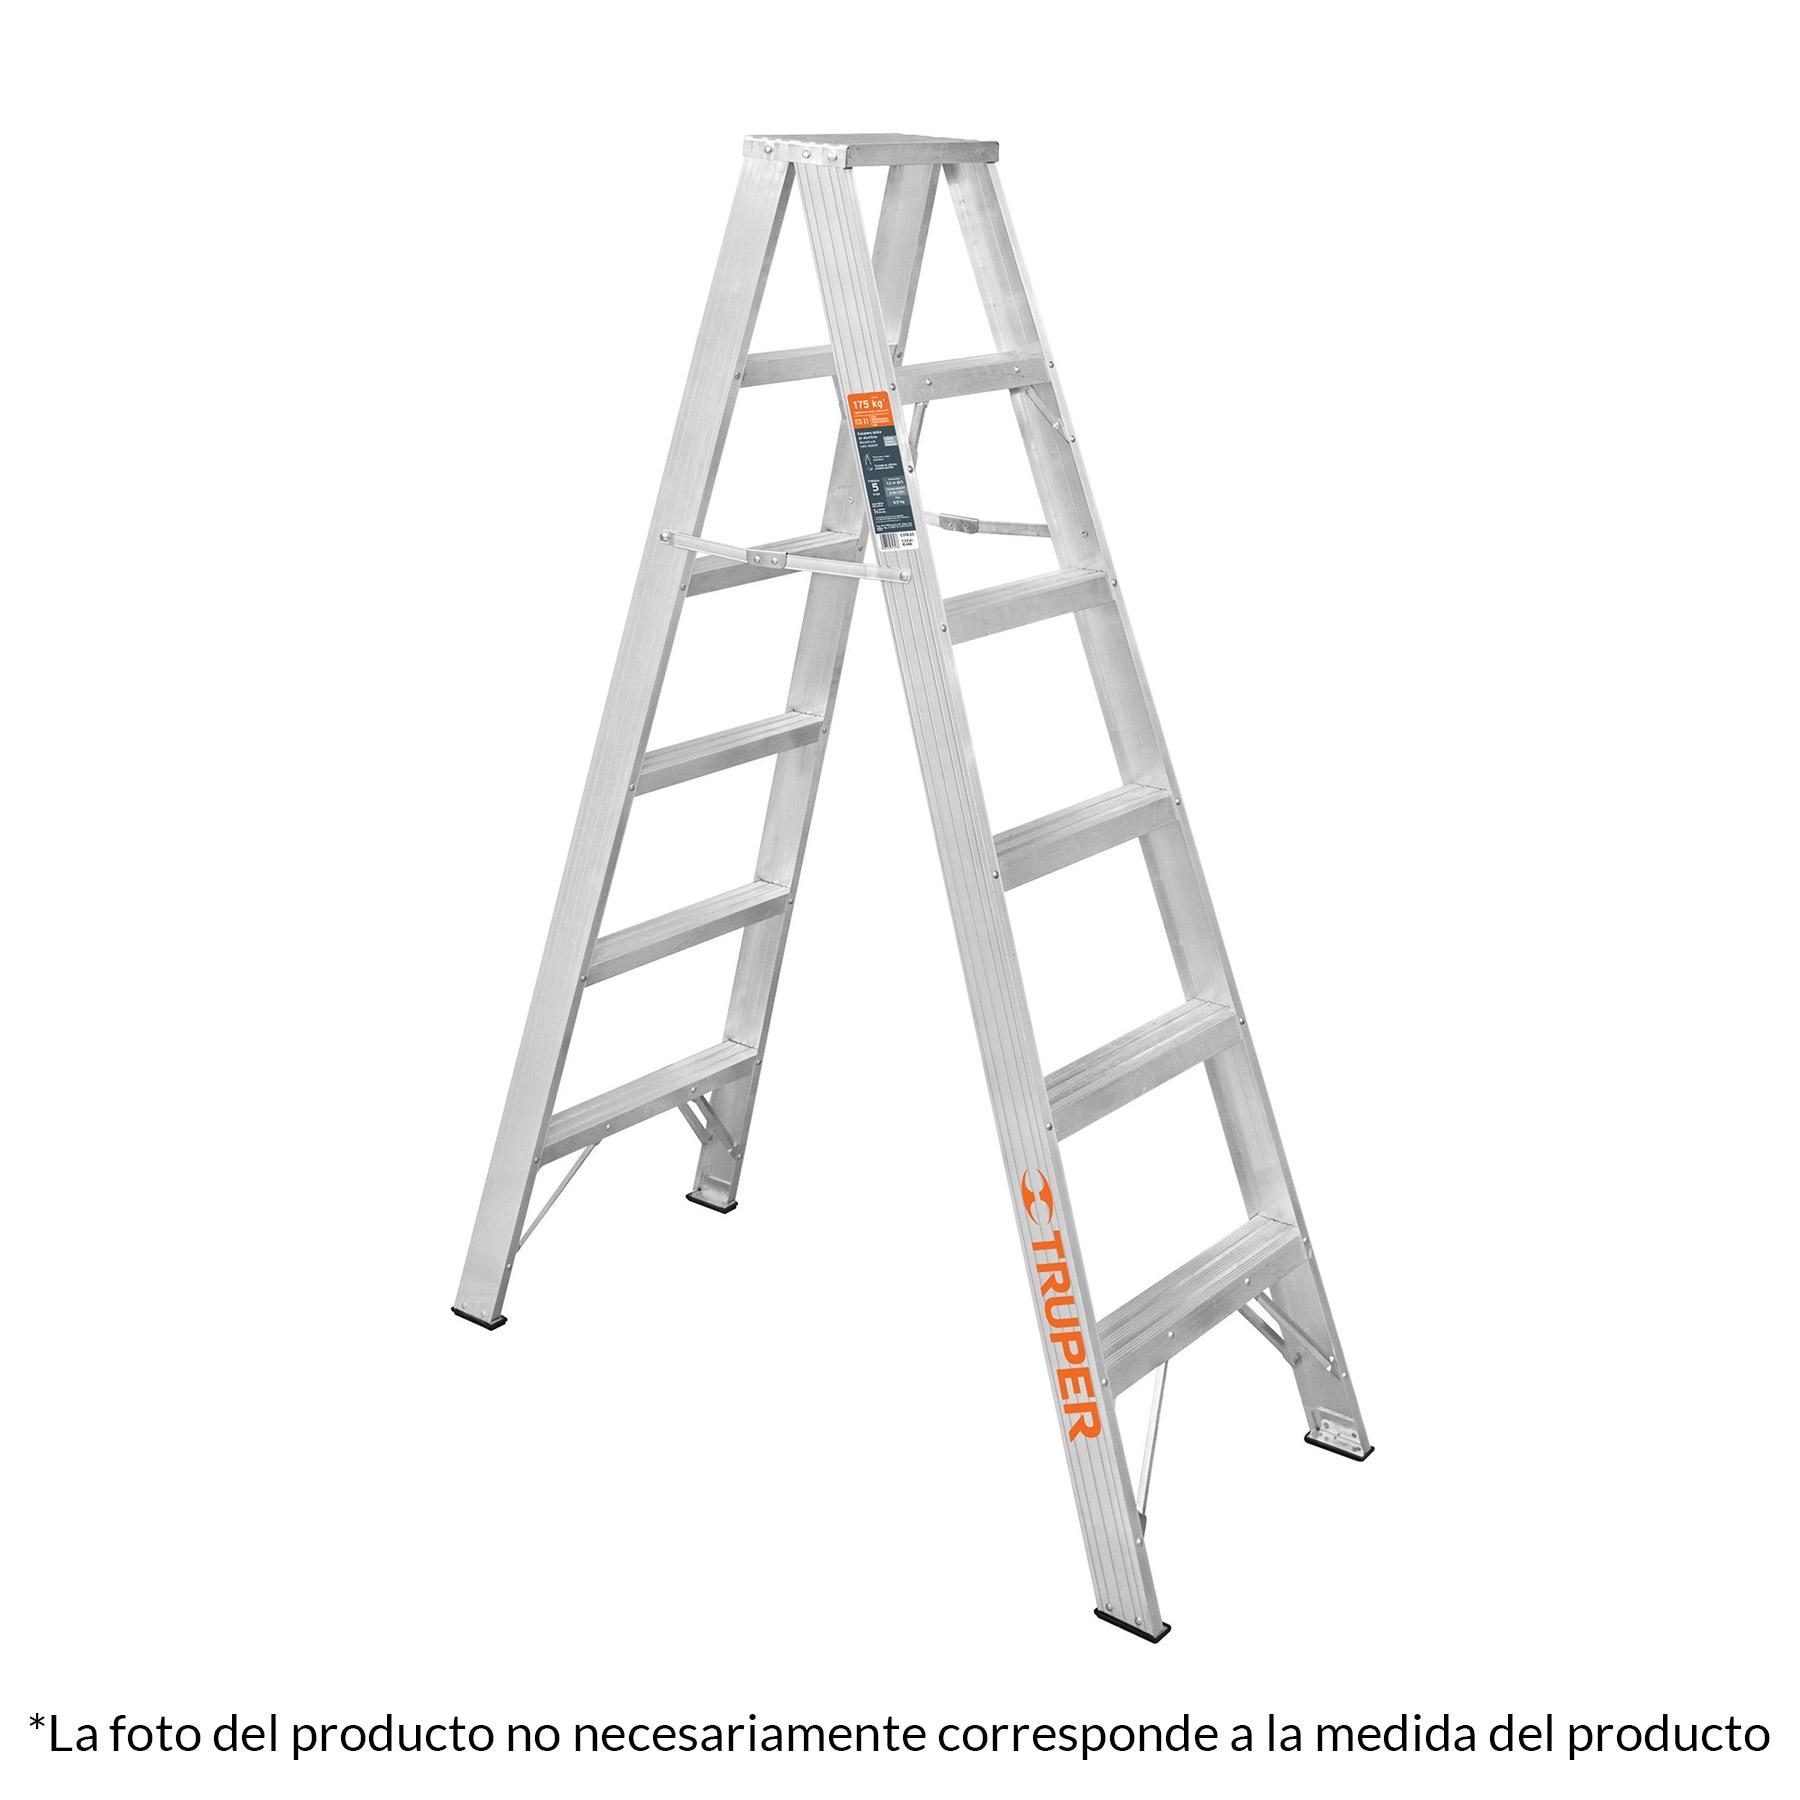 Escalera de tijera doble, tipo ll, 4 escalones